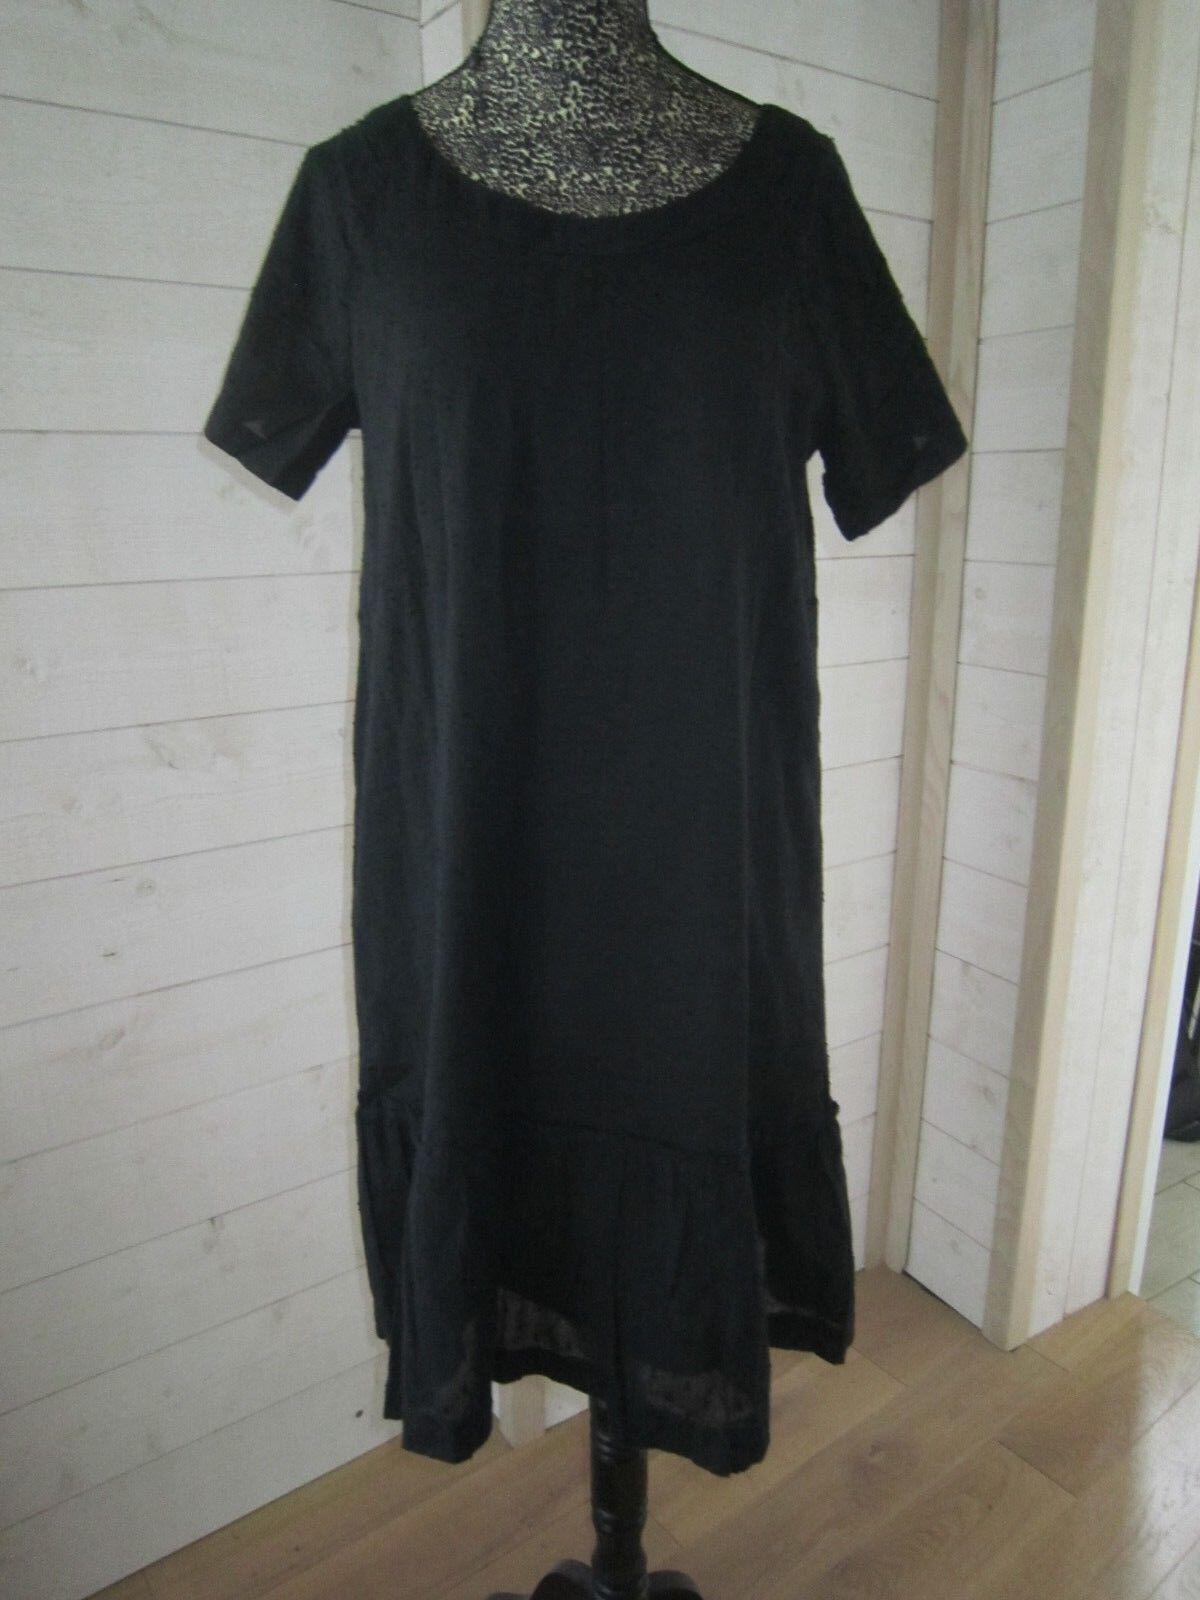 La Petie Robe schwarze by A.P.C en Voile de Coton Plumetis - S -36 38 TBE